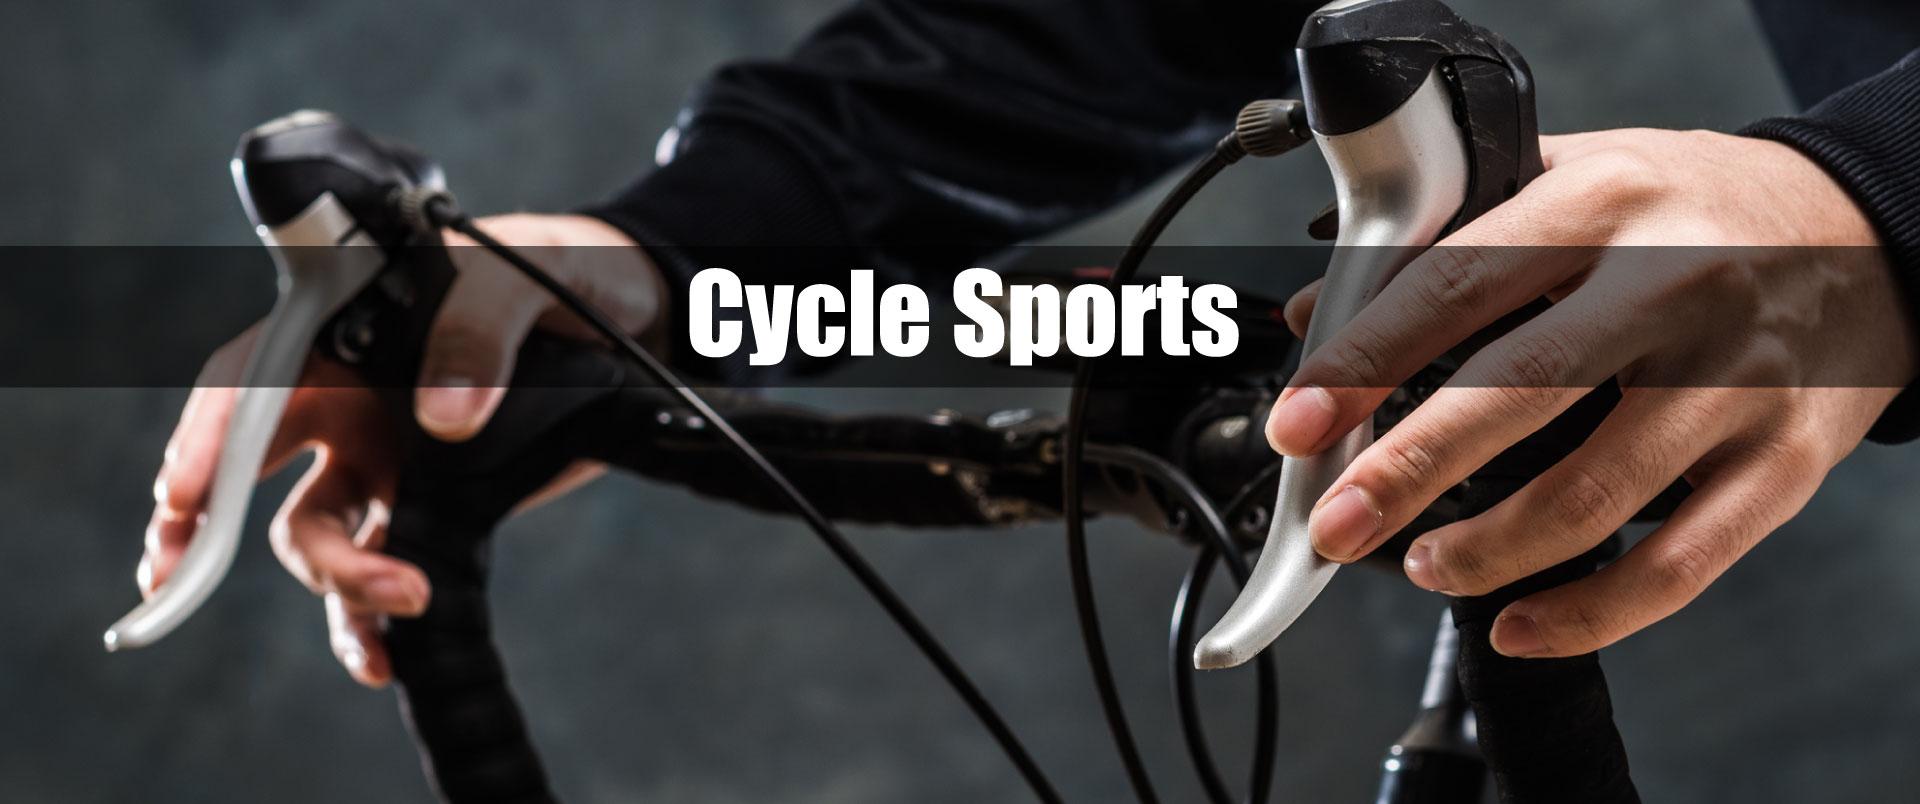 トップページスライダ-サイクルスポーツ